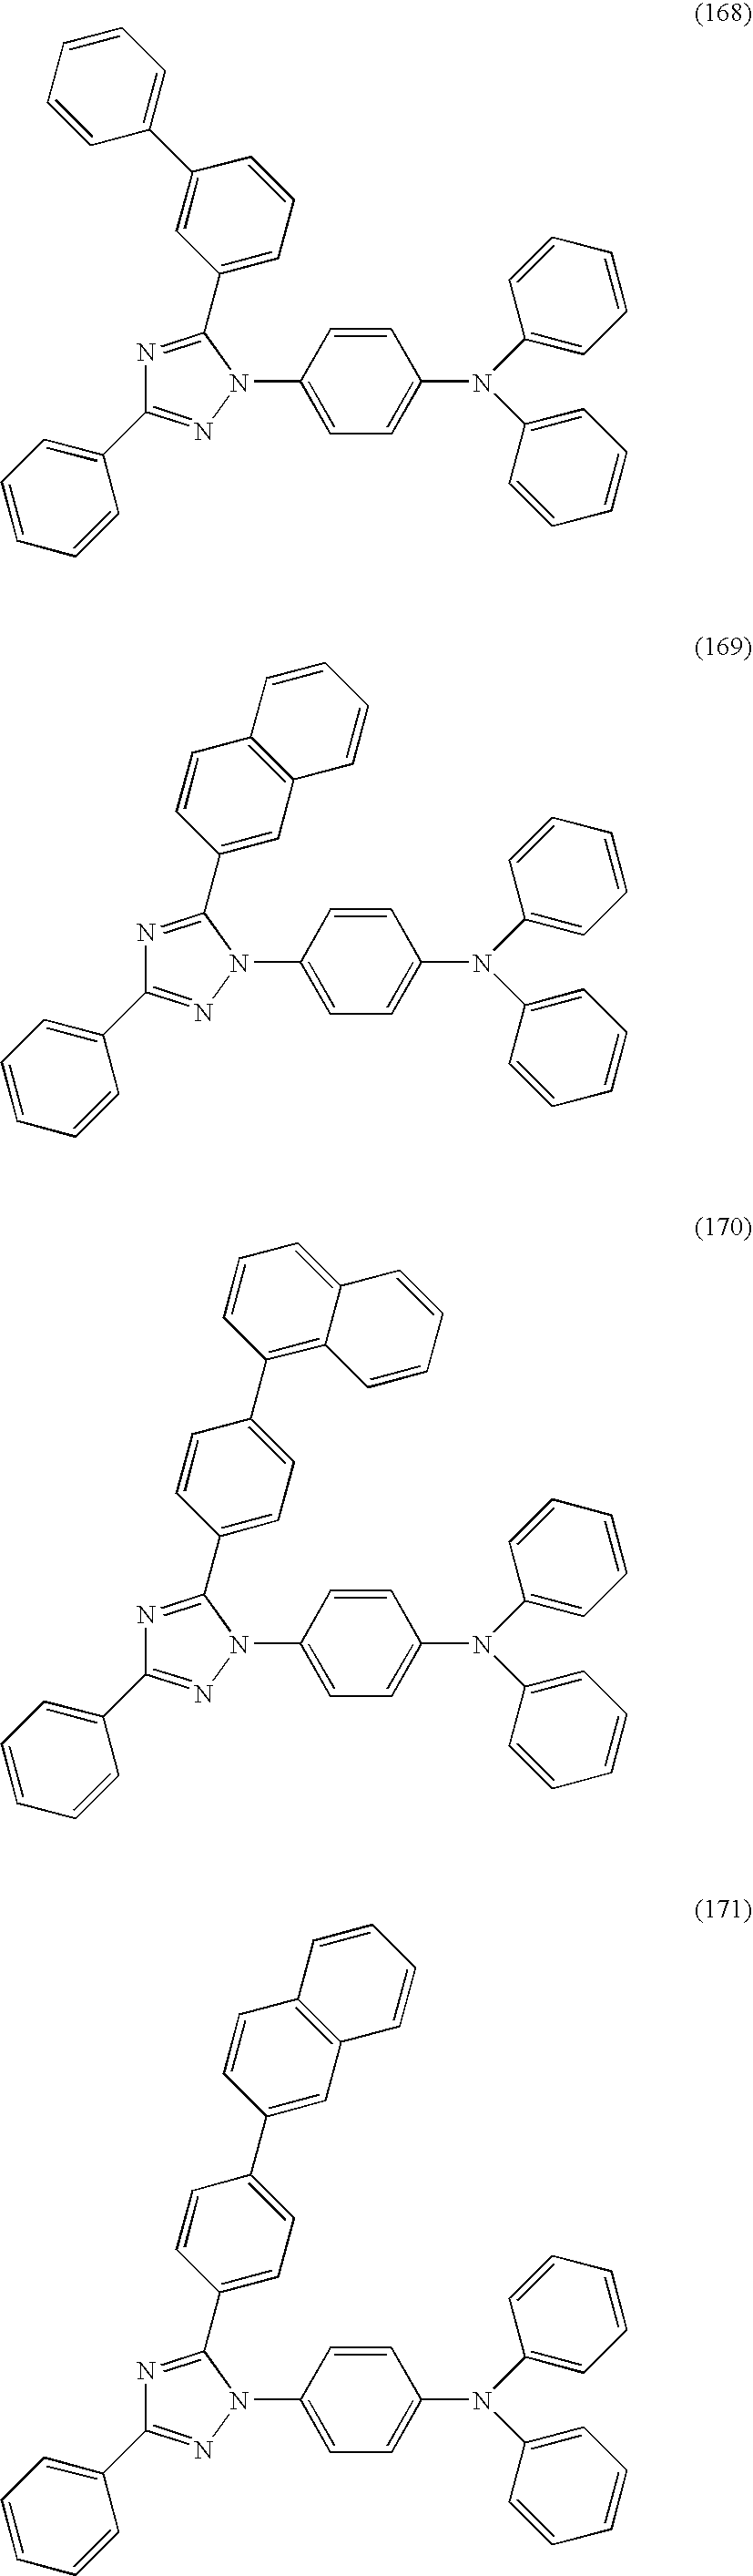 Figure US08551625-20131008-C00063